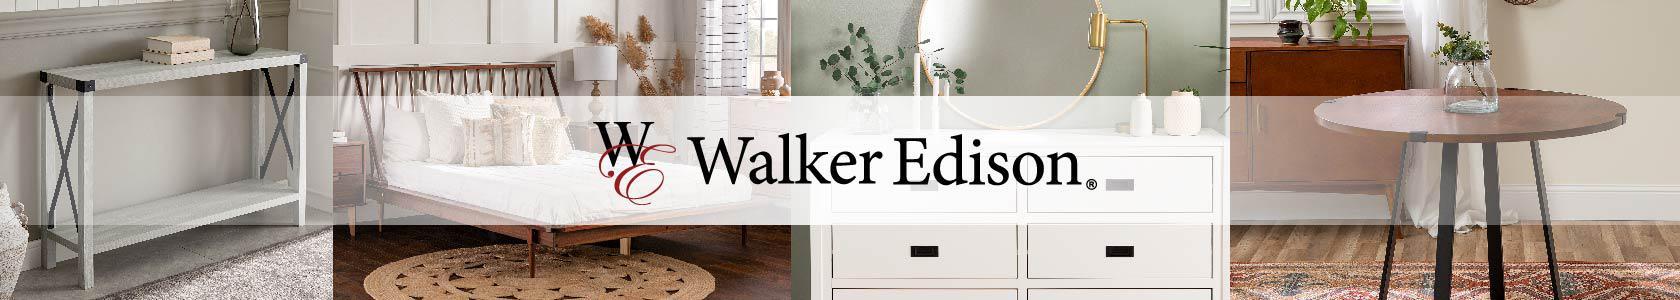 Walker Edison banner